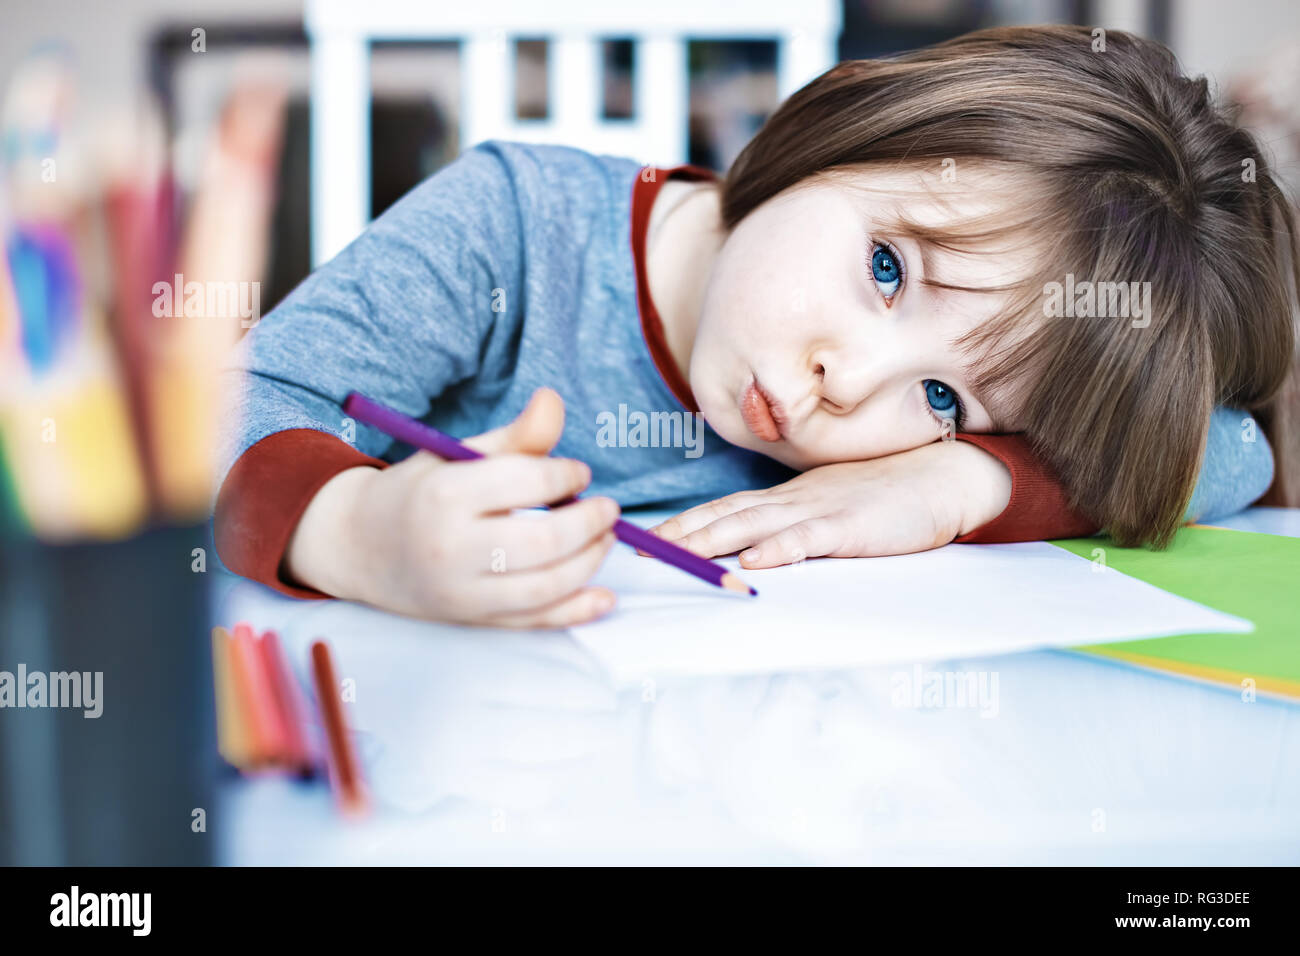 Portrait Kid girl holding siégeant seul au crayon de couleur et à l'ennuie avec visage, enfant d'âge préscolaire portant la tête en bas, sur table avec visage triste Banque D'Images